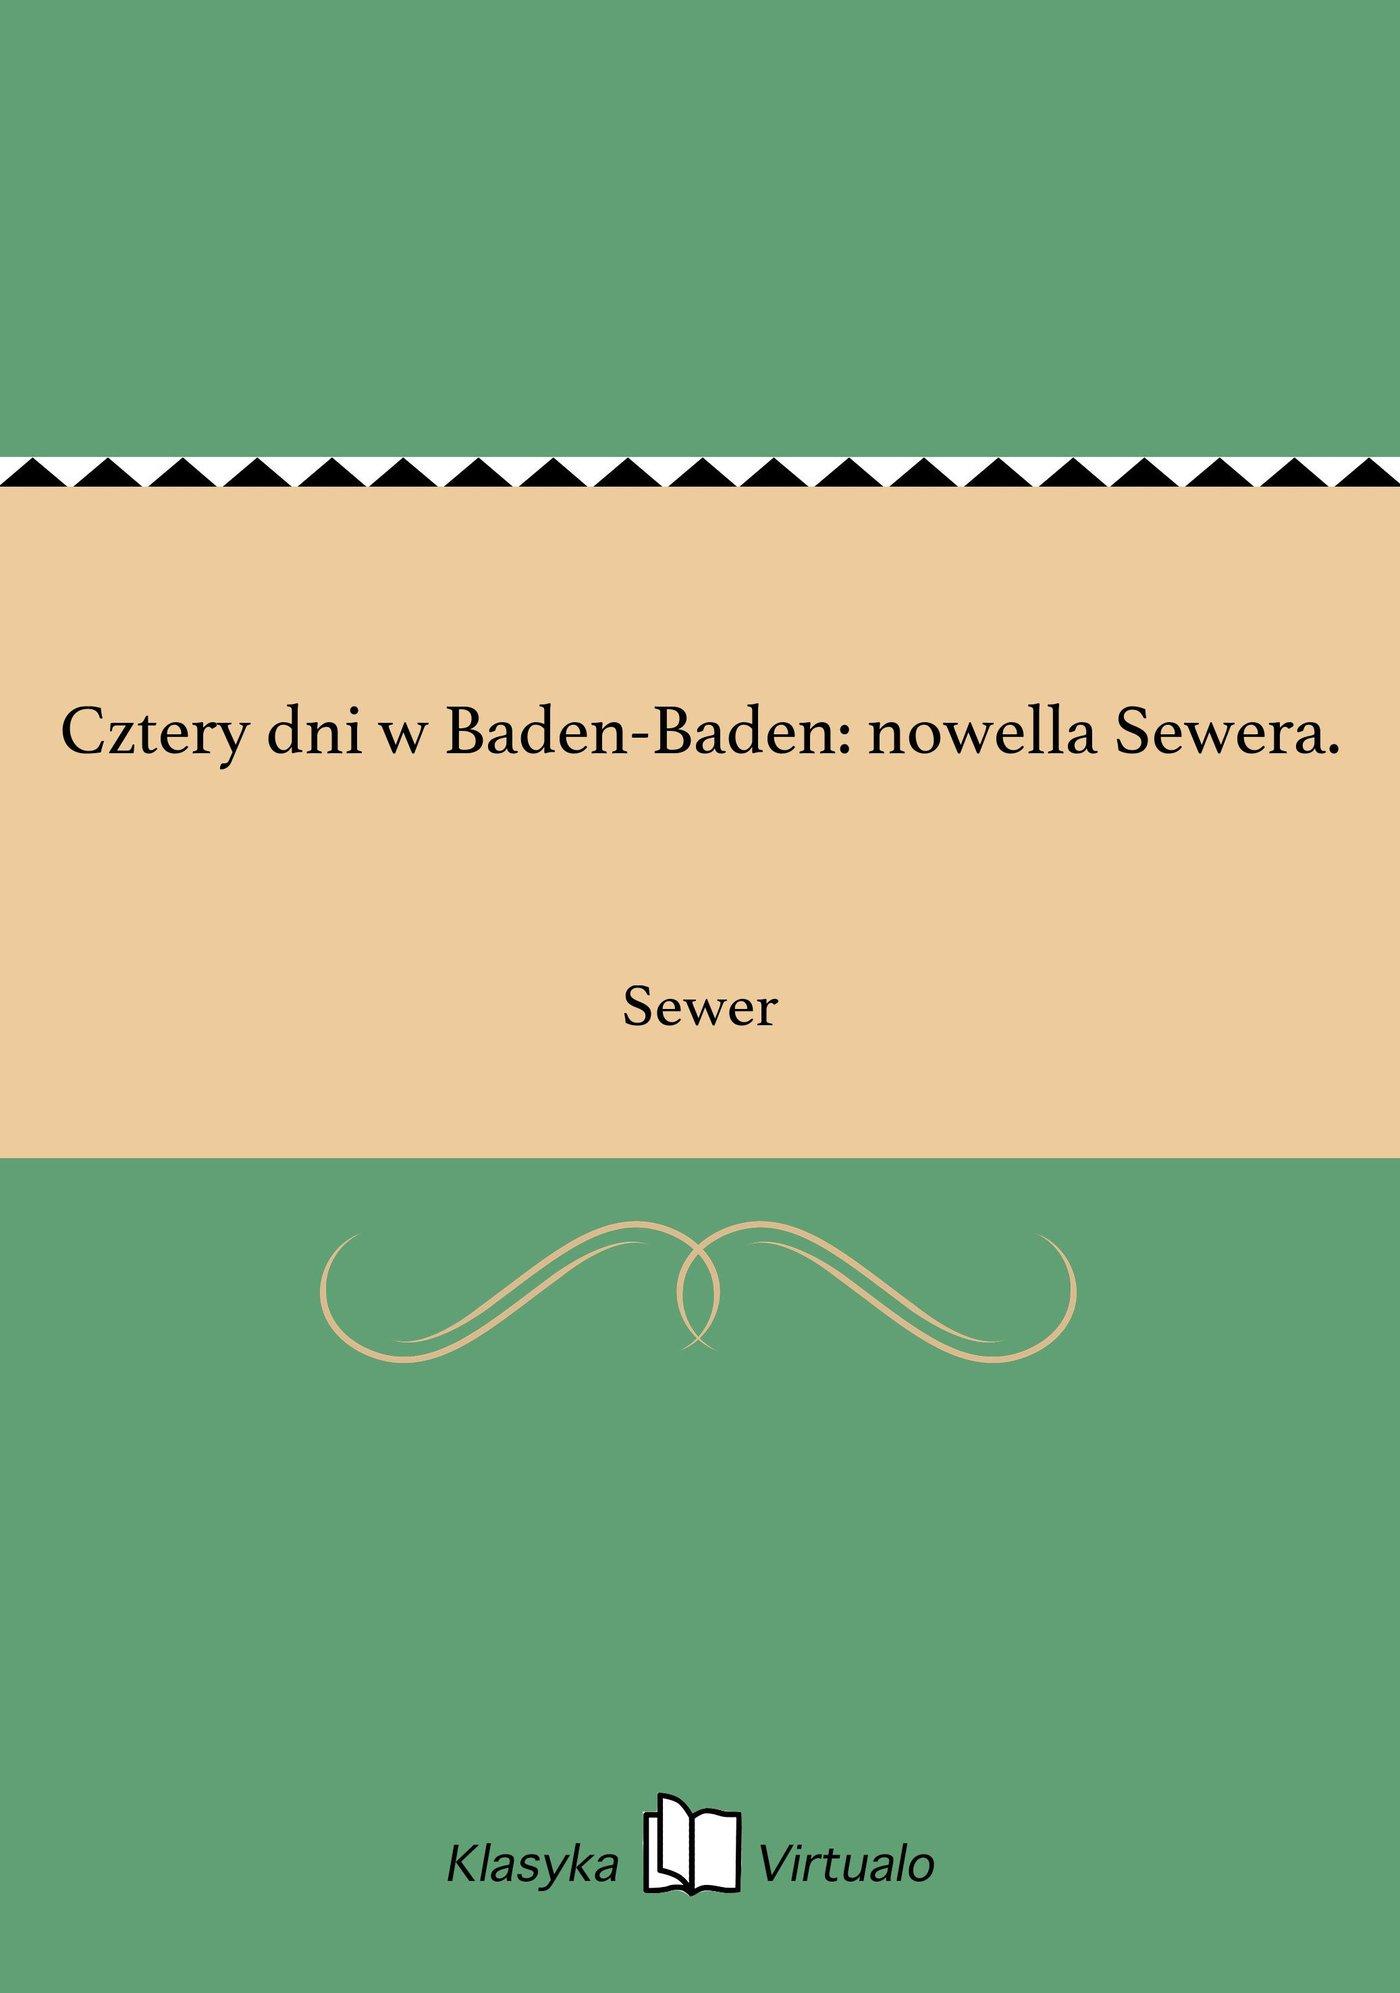 Cztery dni w Baden-Baden: nowella Sewera. - Ebook (Książka EPUB) do pobrania w formacie EPUB